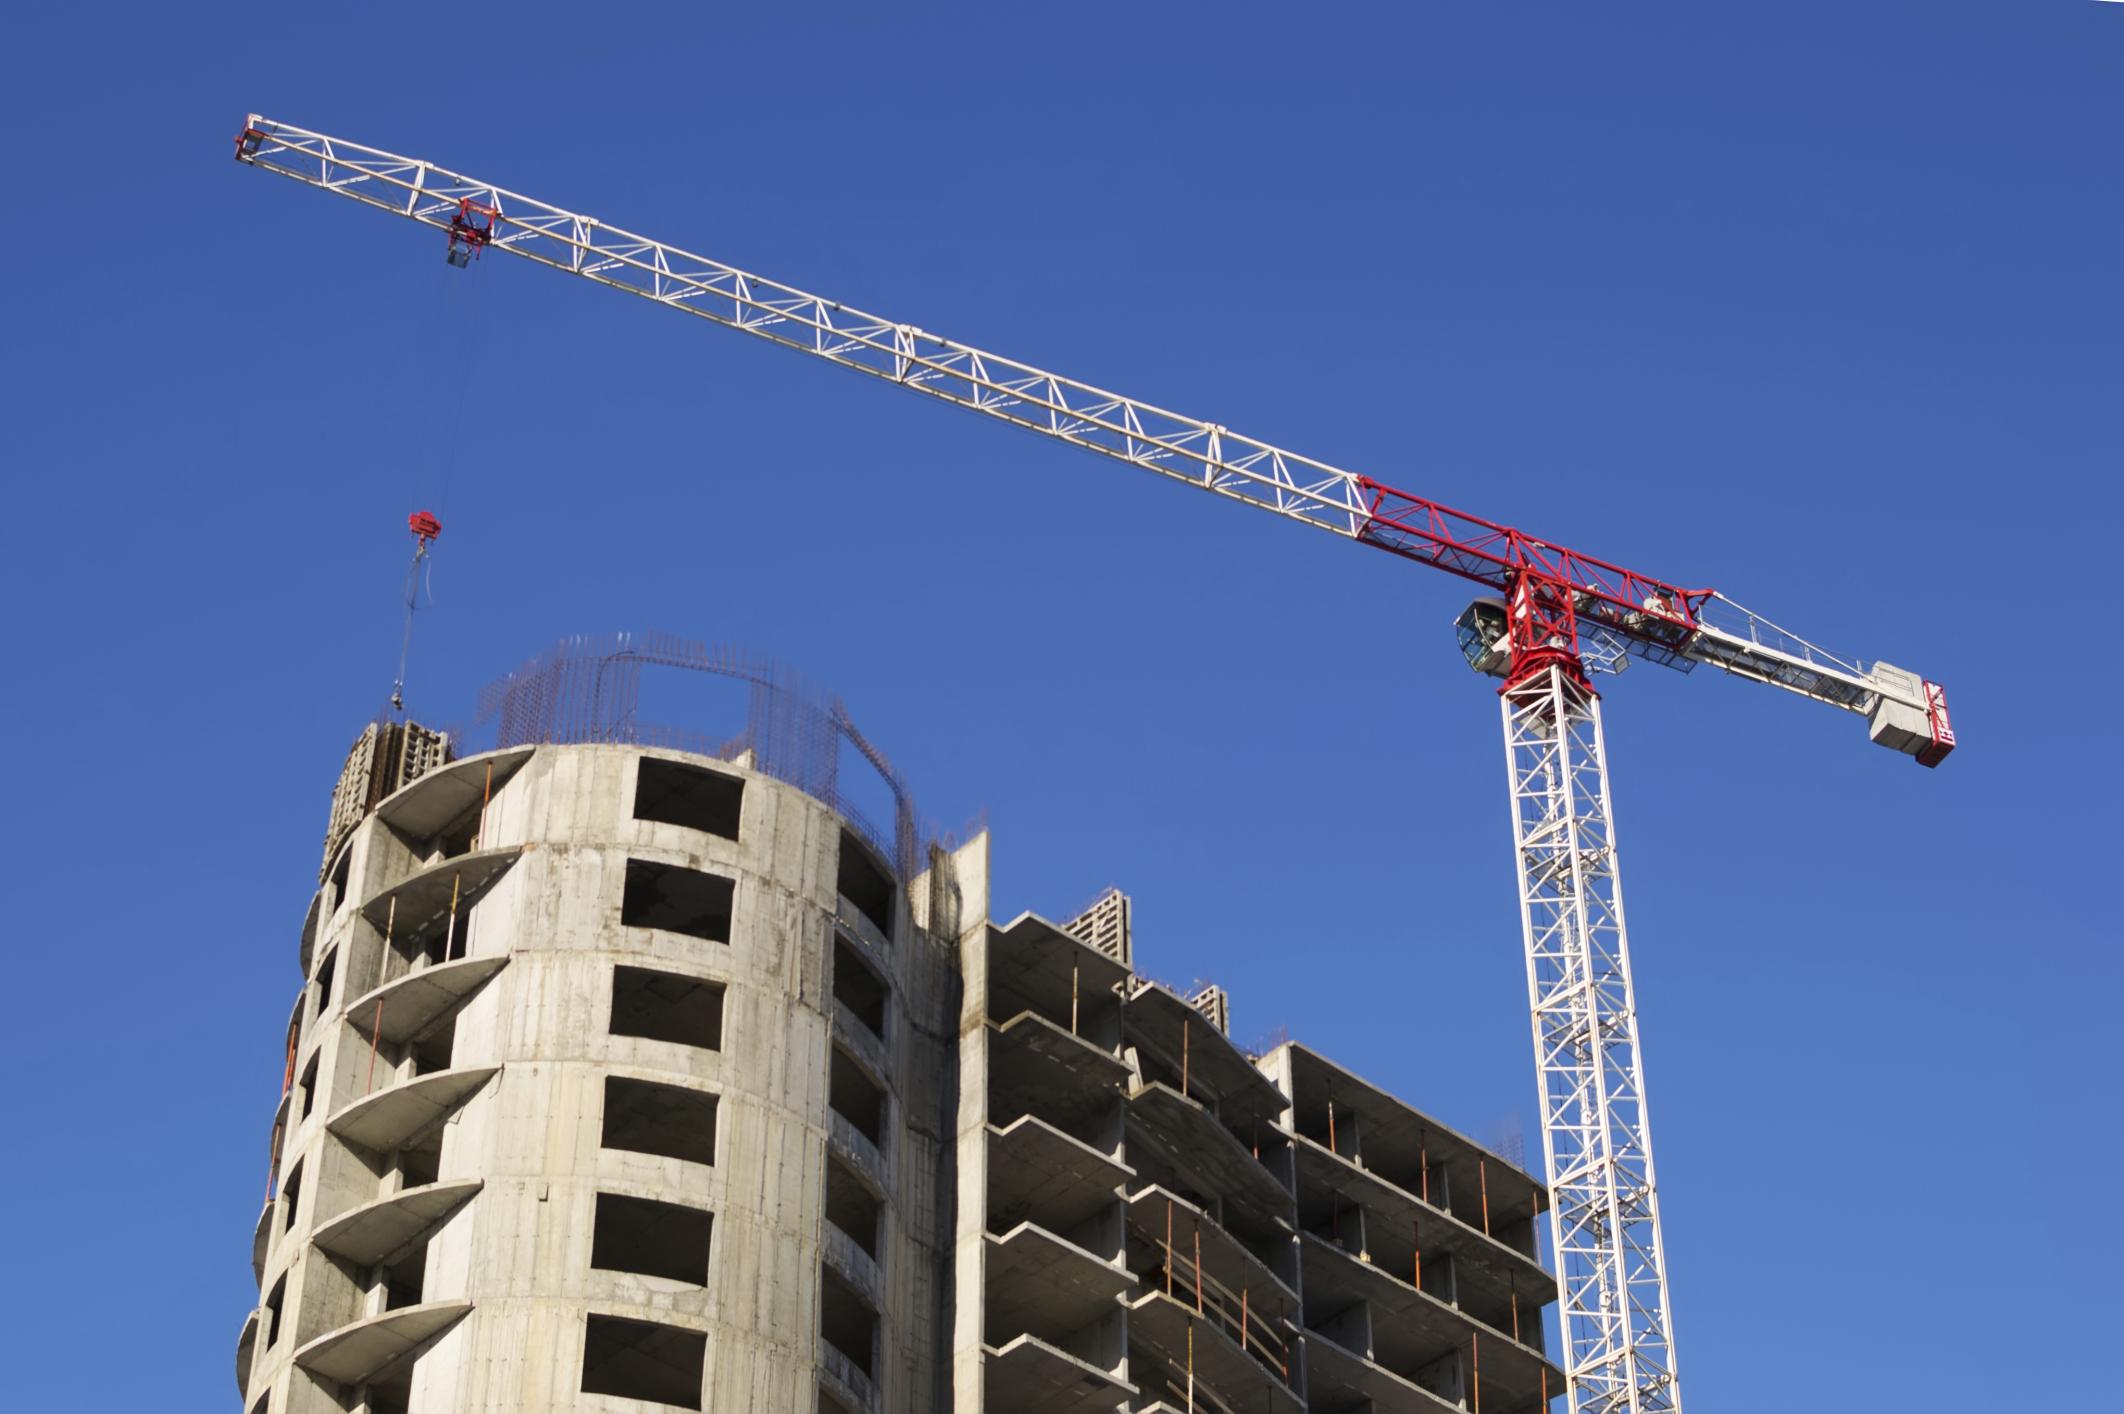 Na zaistenie bezpečnosti a ochrany zdravia pri práci na stavenisku